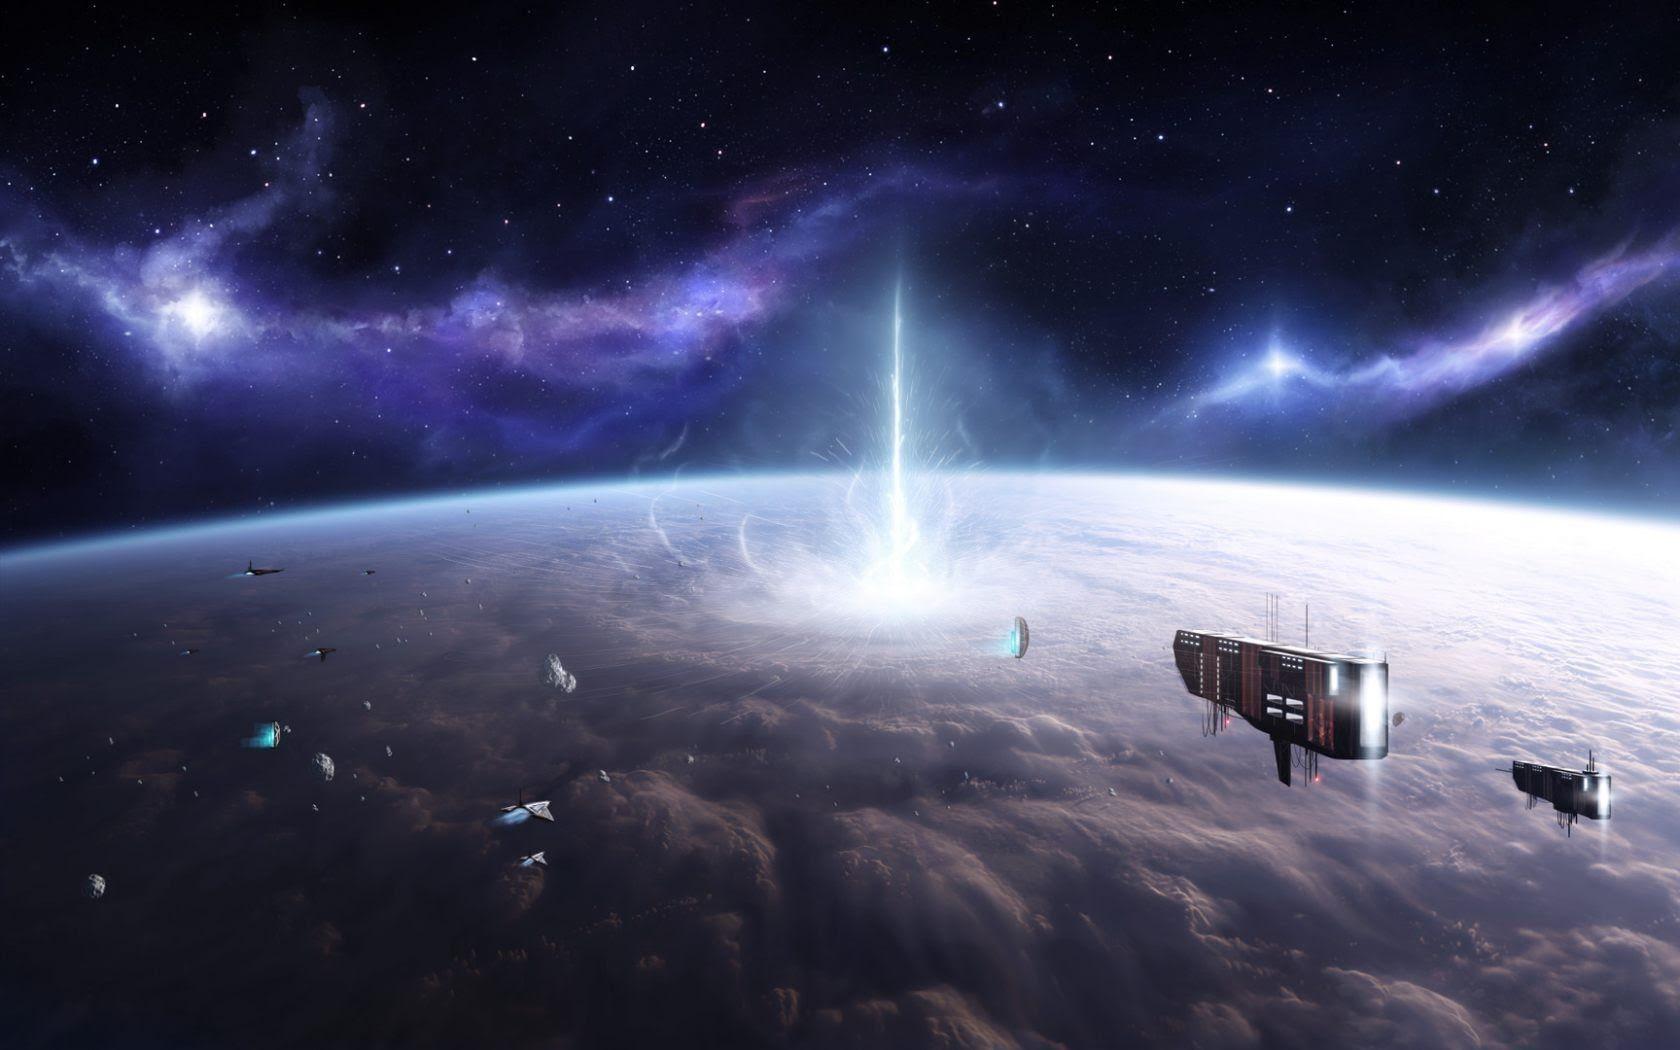 A chegada de ovnis gigantes em nosso sistema solar   ! Vai Haver uma mudança para o bem   !